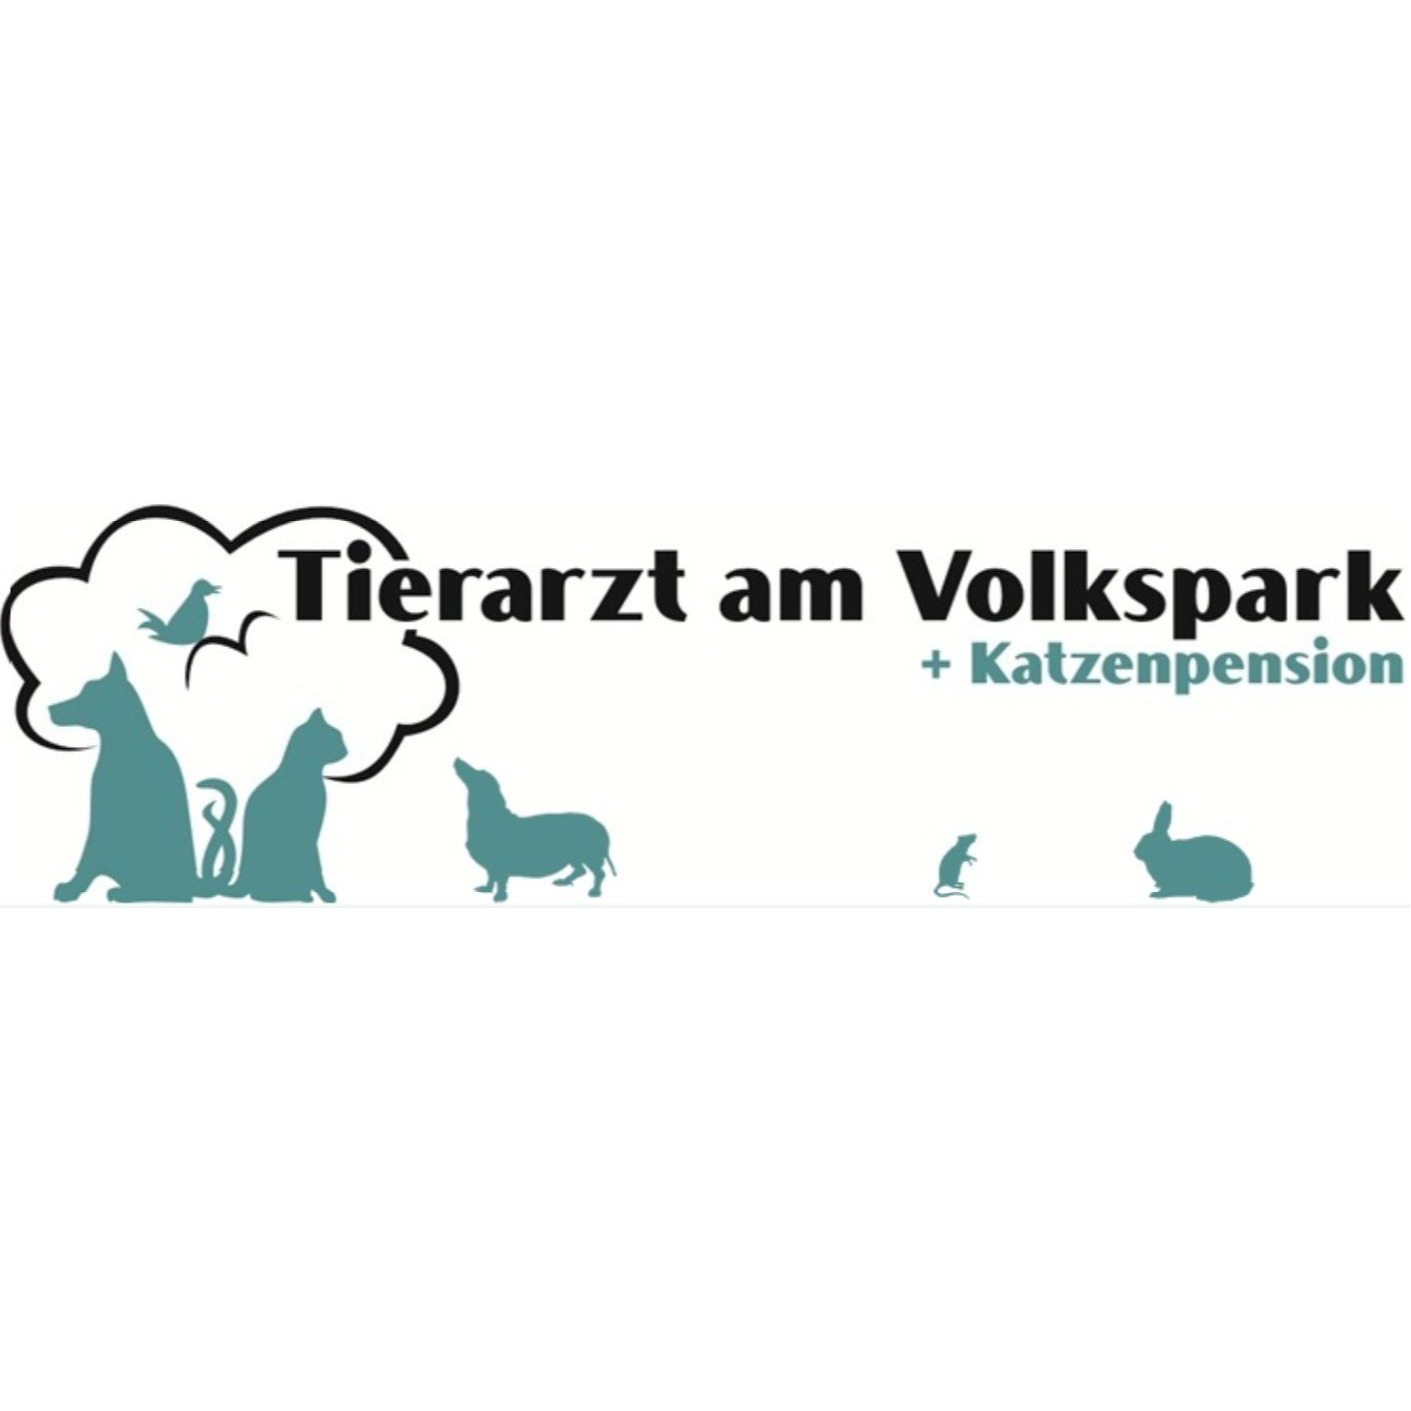 Bild zu Tierarzt am Volkspark + Katzenpension in Hamburg